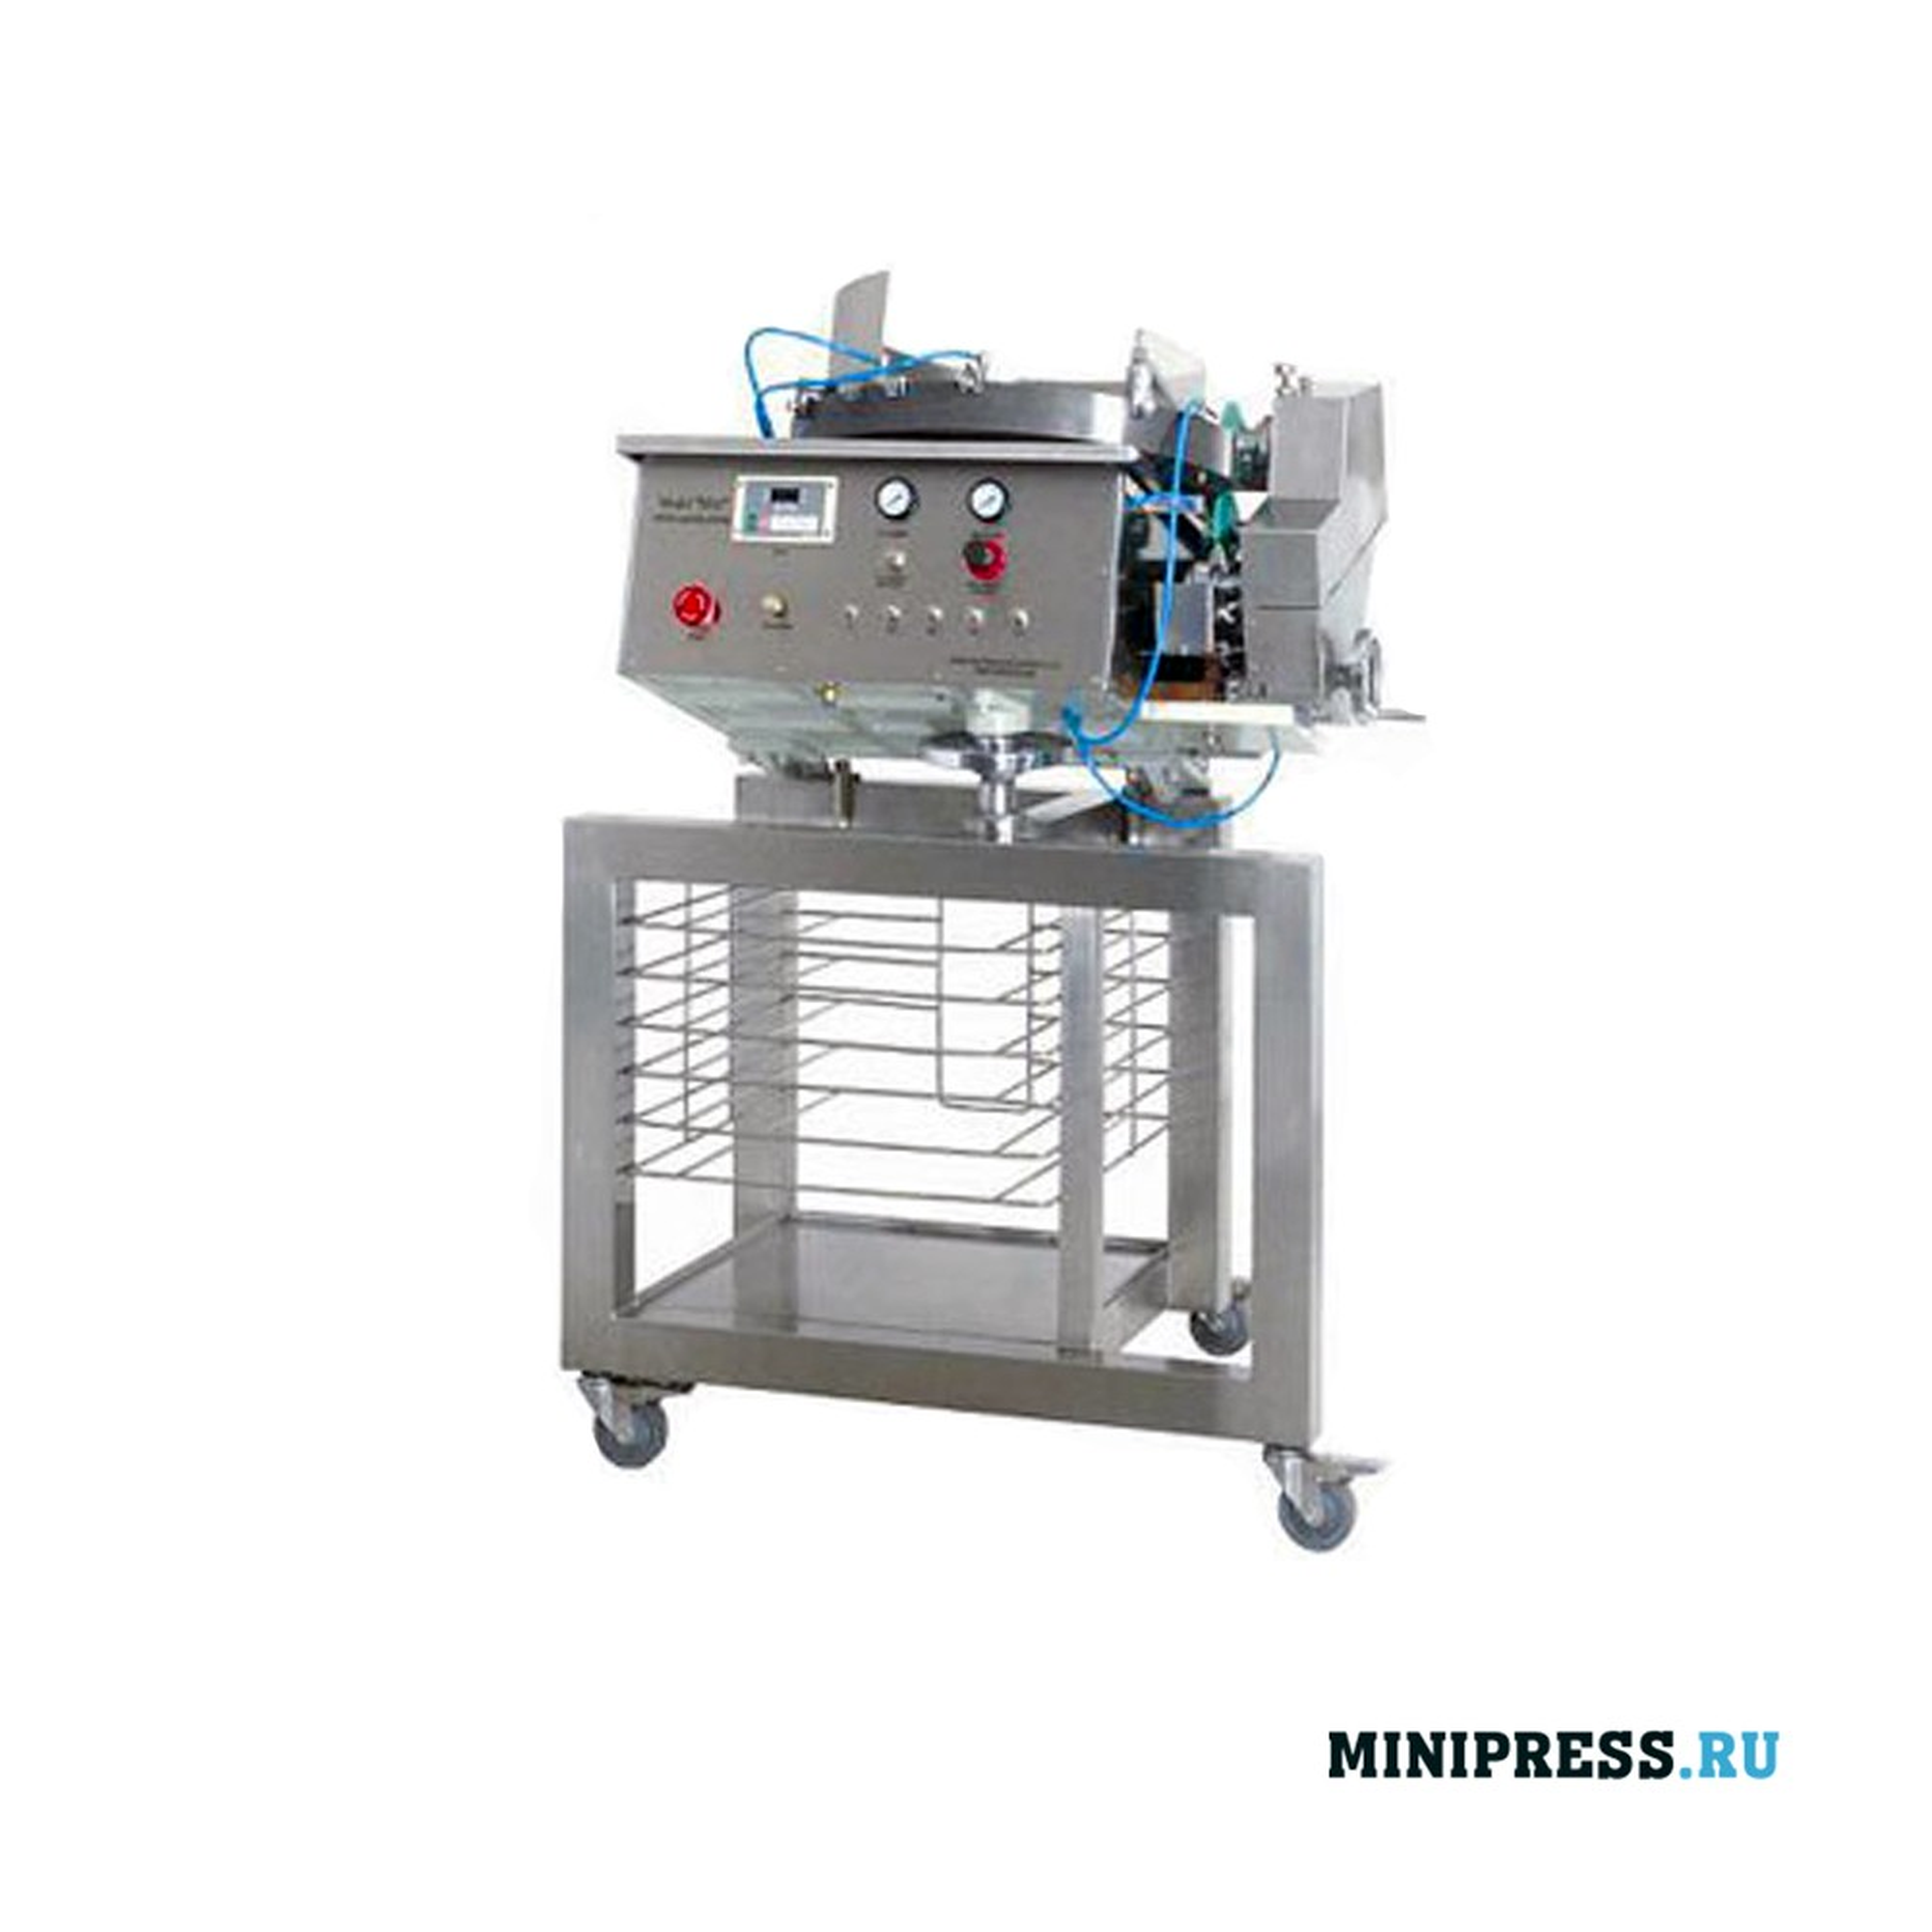 Автоматический принтер для печати на таблетках и капсулах